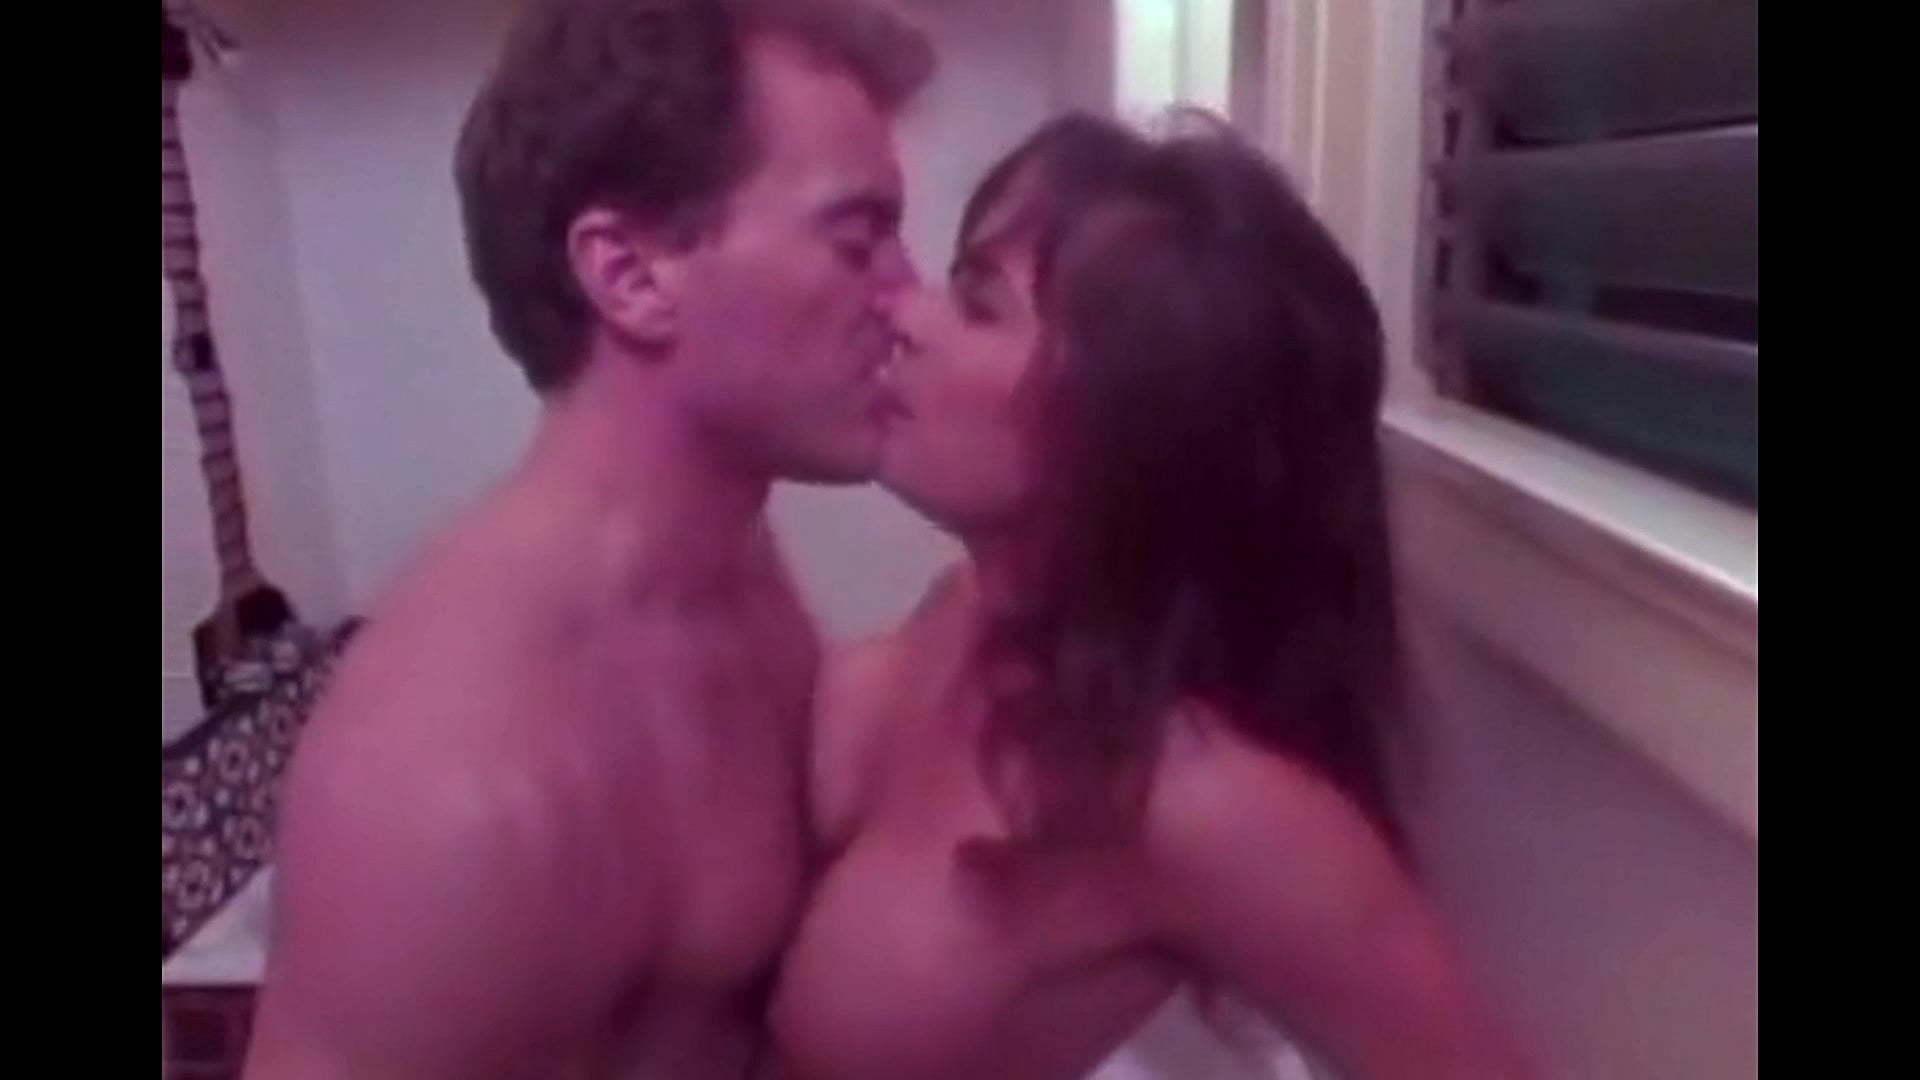 Ashlyn Gere Videos Porno Hd randy spears fucking ashlyn gere